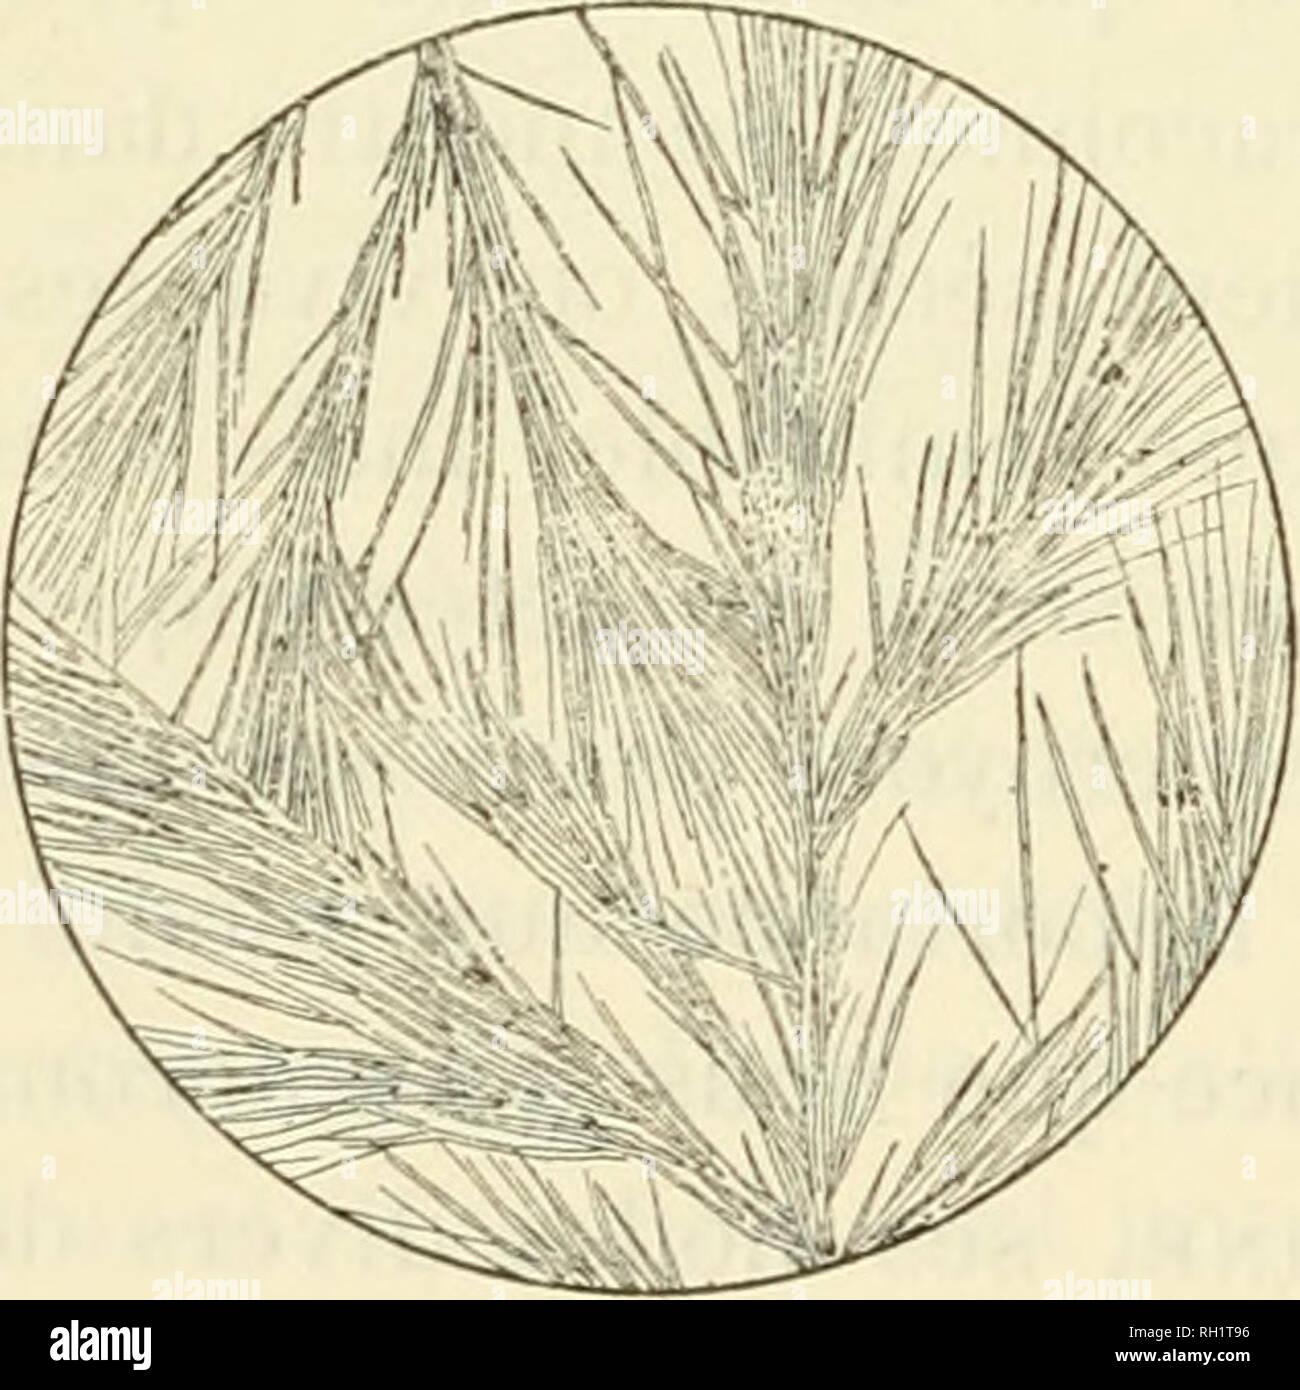 """. Bulletin. Socit d'histoire naturelle d'Autun (France); Natural history; Natural history -- France. 282 A.-T. DE ROCHEBRUNE Renoncules, nous avons traité avec un succès complet tout ou partie des plantes, par les méthodes préconisées par Du- quesne et le D"""""""" Laborde, dans la recherche des alcaloïdes de l'Aconit; ayant donné ces méthodes à l'article concernant cette dernière plante, nous jugeons inutile de les reproduire à nouveau. L'étude du Rammculus aquatilis a été faite sur des échan- tillons frais et des échantillons secs ; la plante écrasée ou réduite en poudre - Stock Image"""